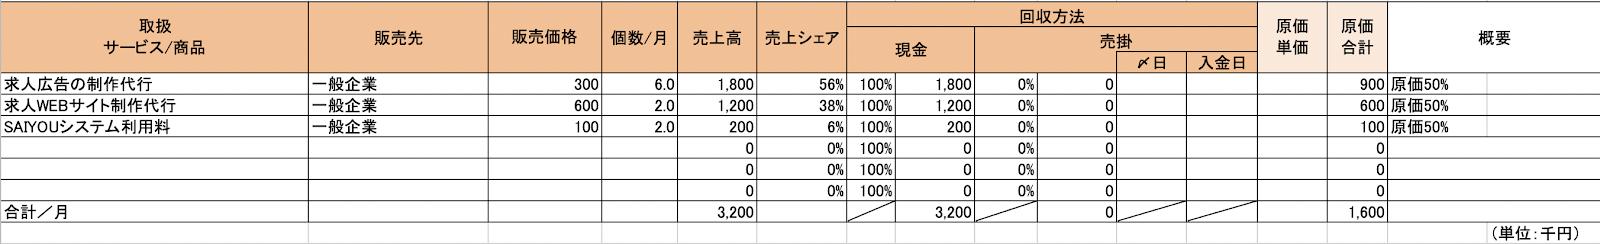 創業計画書の売上計画表